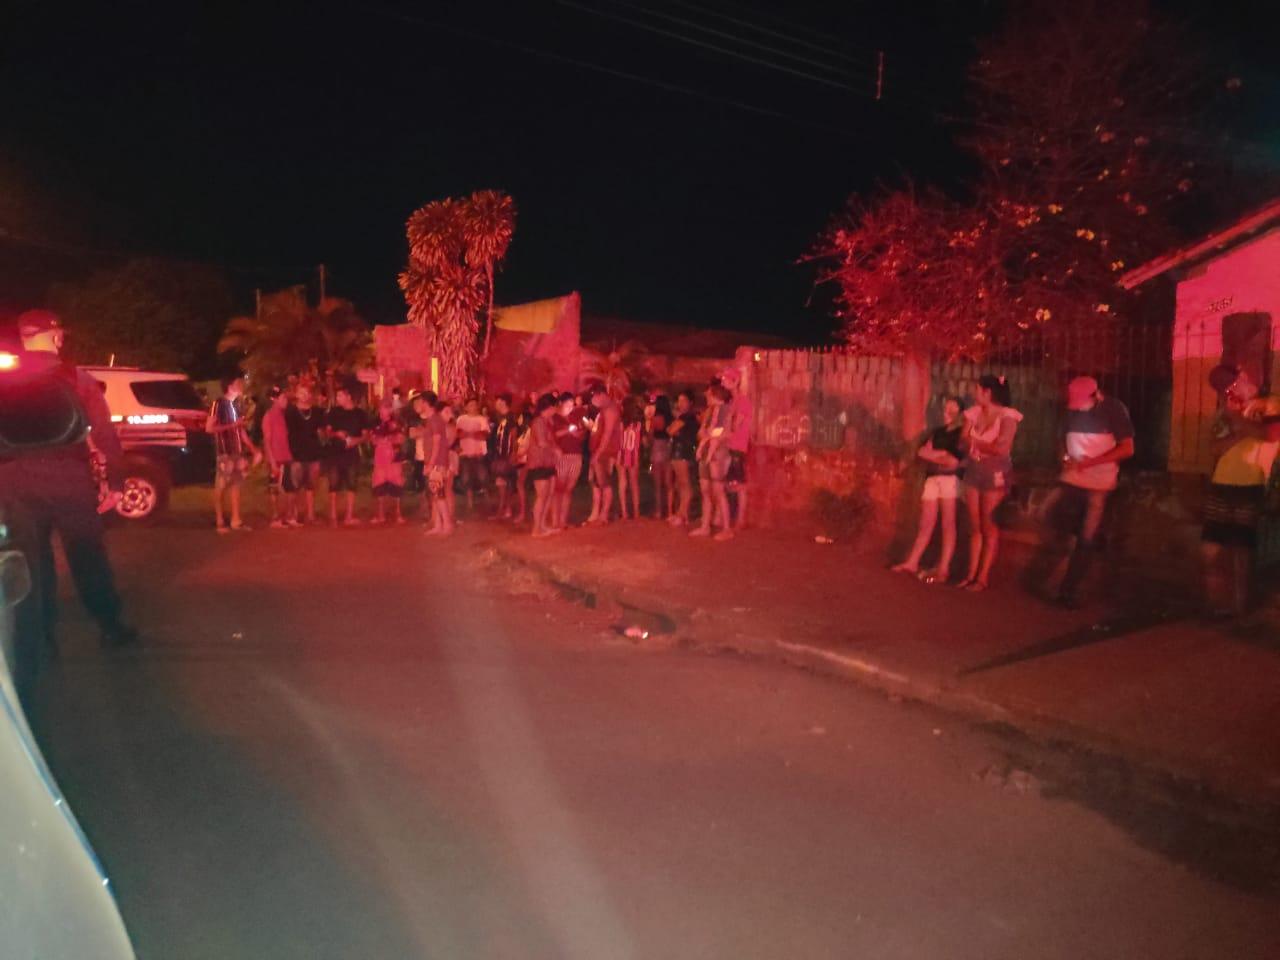 Revoltados populares prometem queimar a casa do acusado (Imagem: Adilson Domingos)